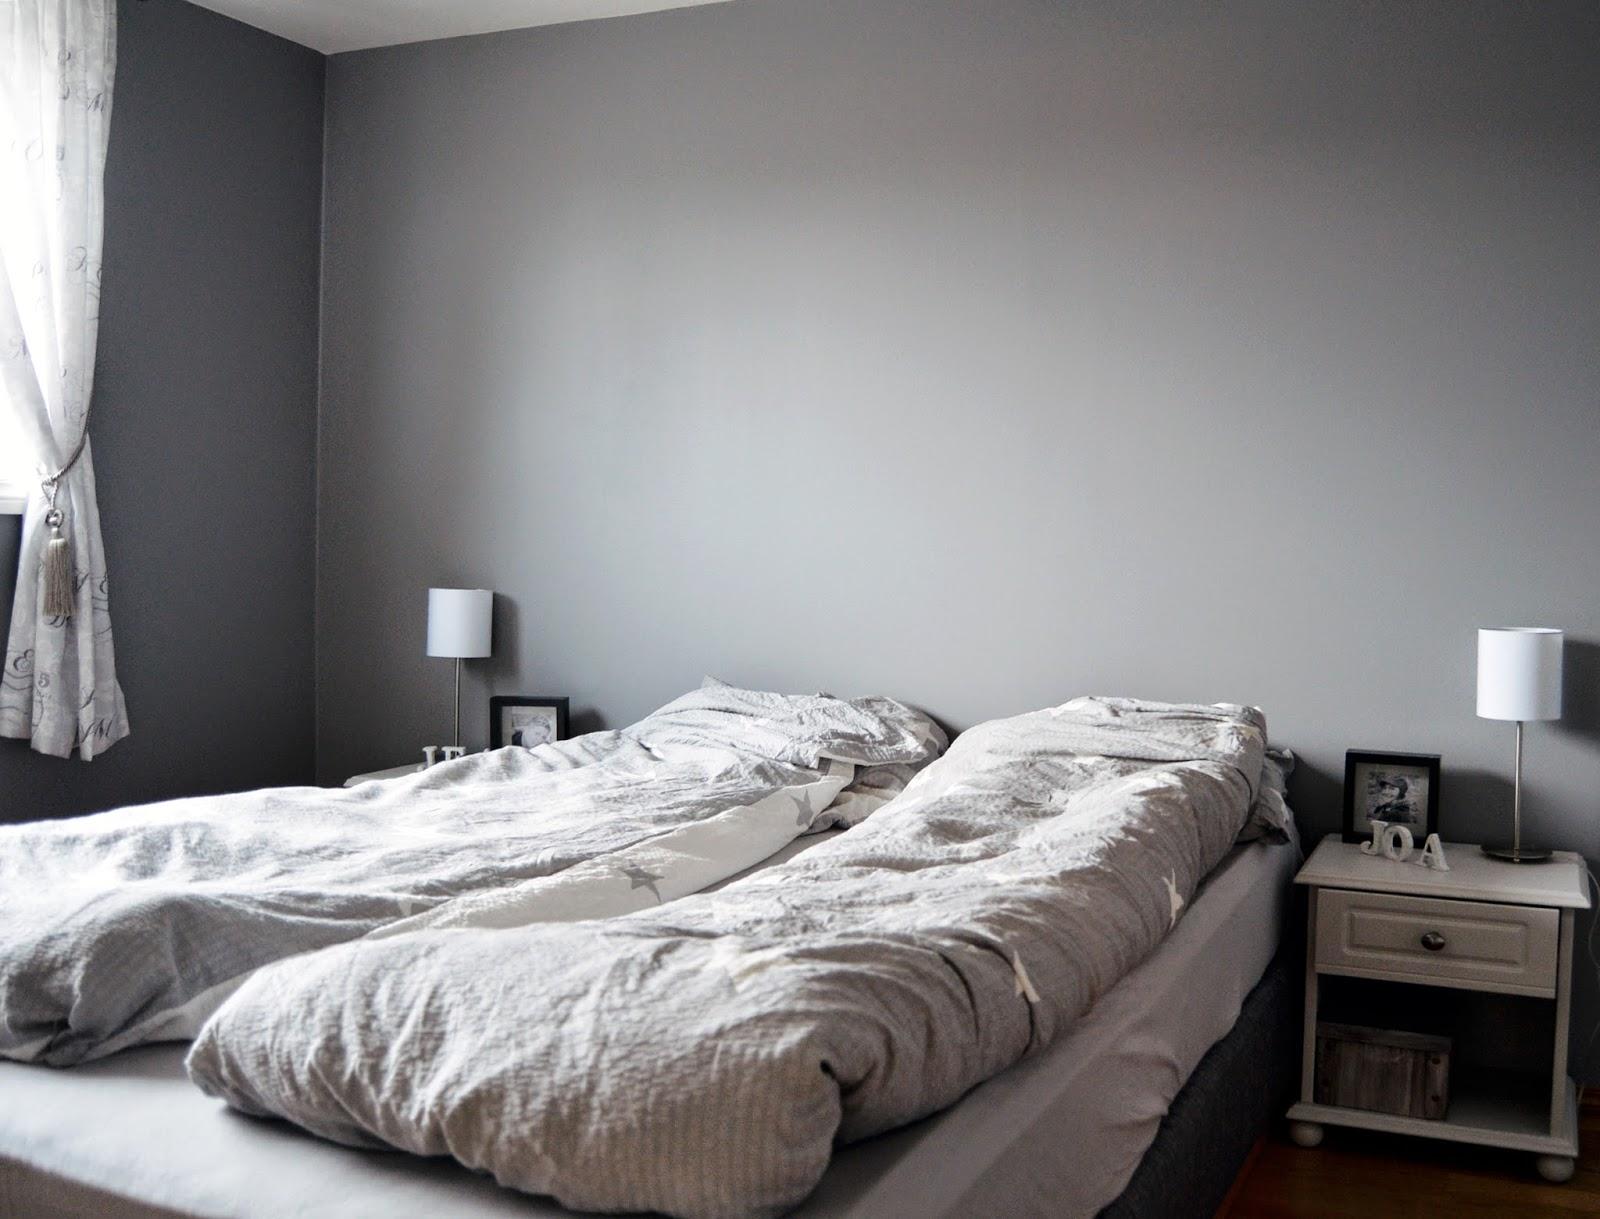 Hvitt Soverom: Hvite vegger Inspirasjon. Sengetilbeh?r soverom og ...